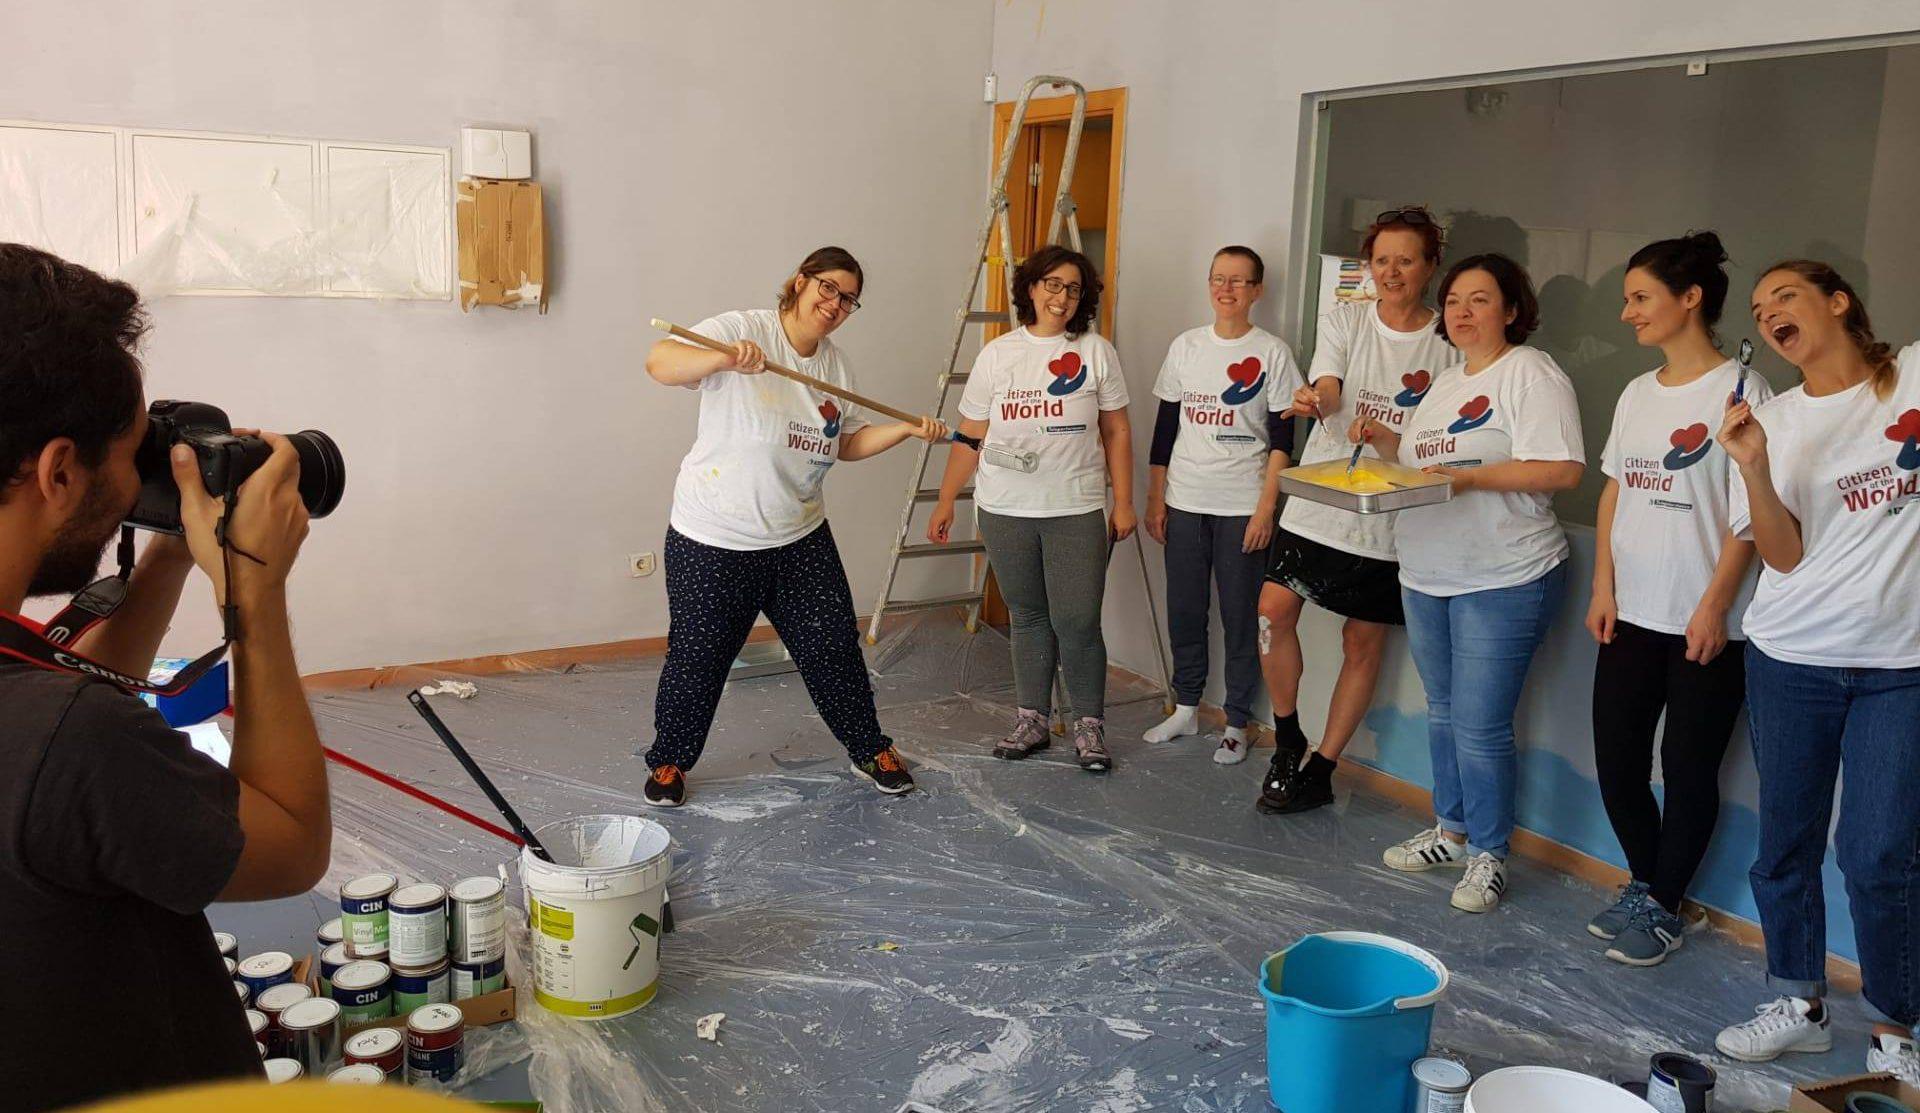 Cidadãos do mundo: ação de voluntariado